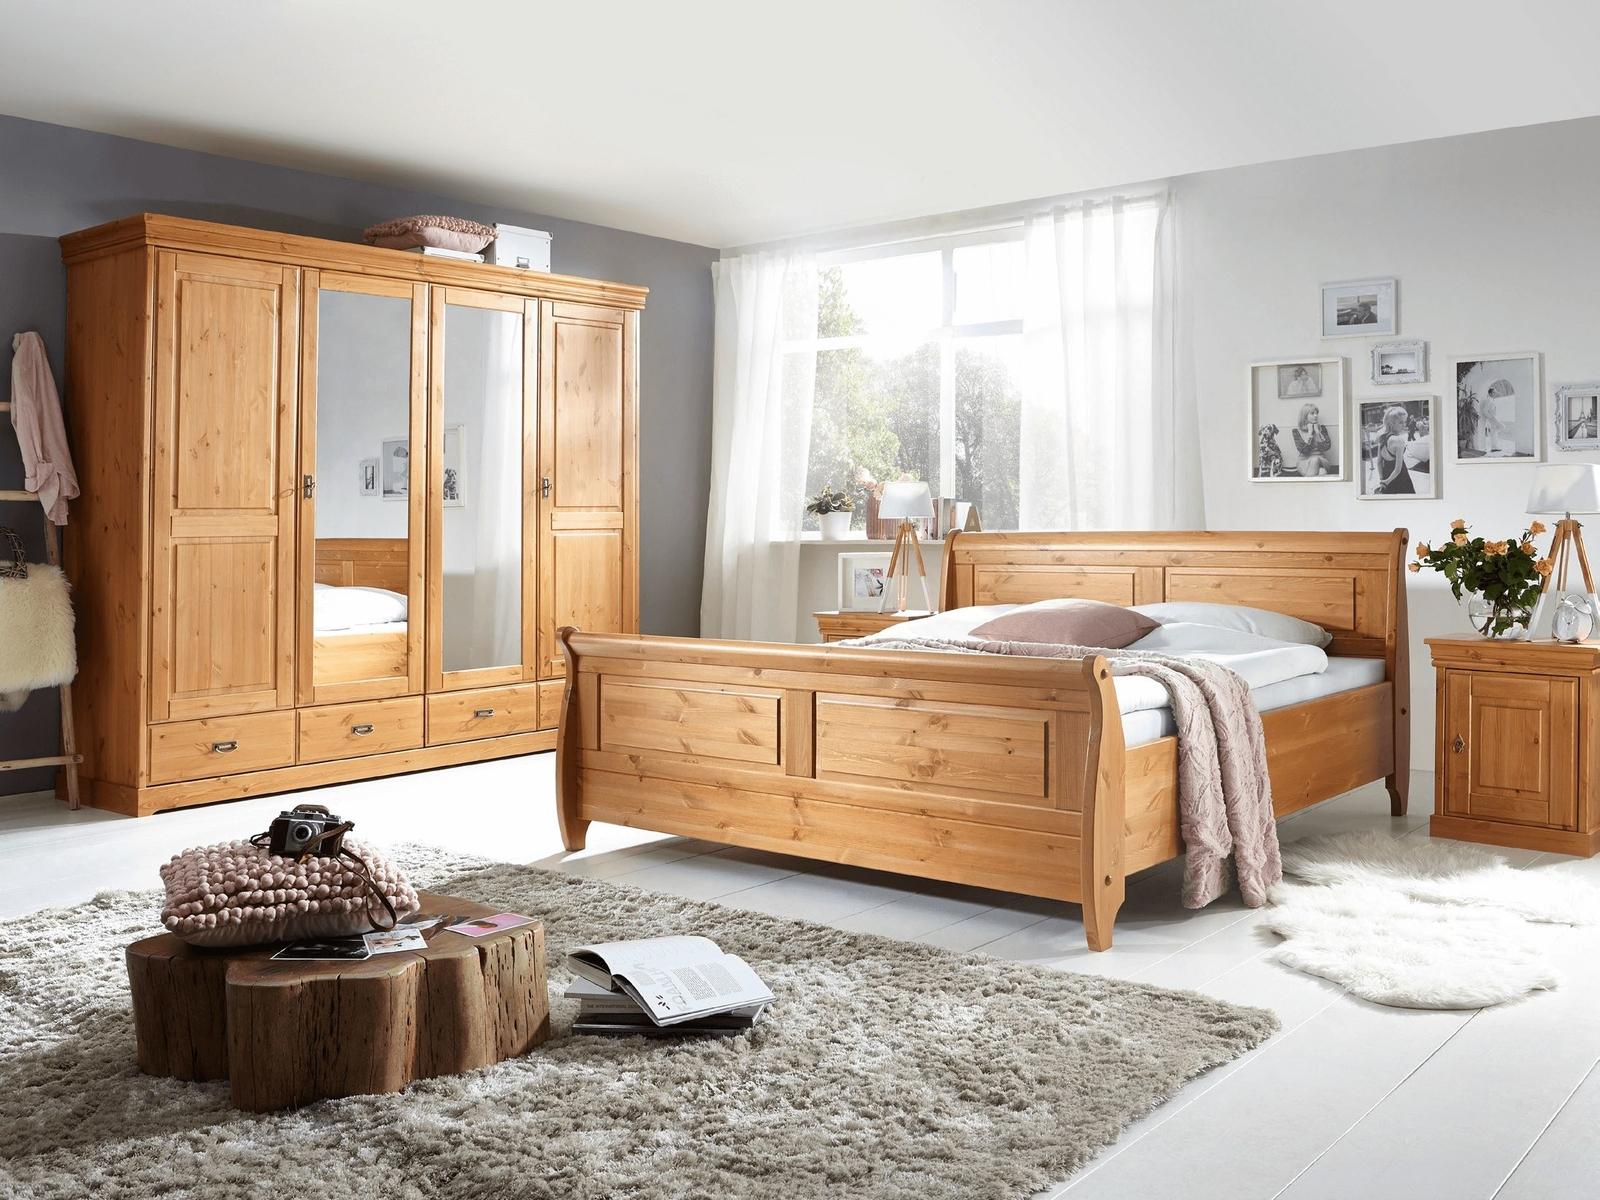 Schlafzimmer Mette Komplettset Landhausstil Kiefer massiv von G&K ...